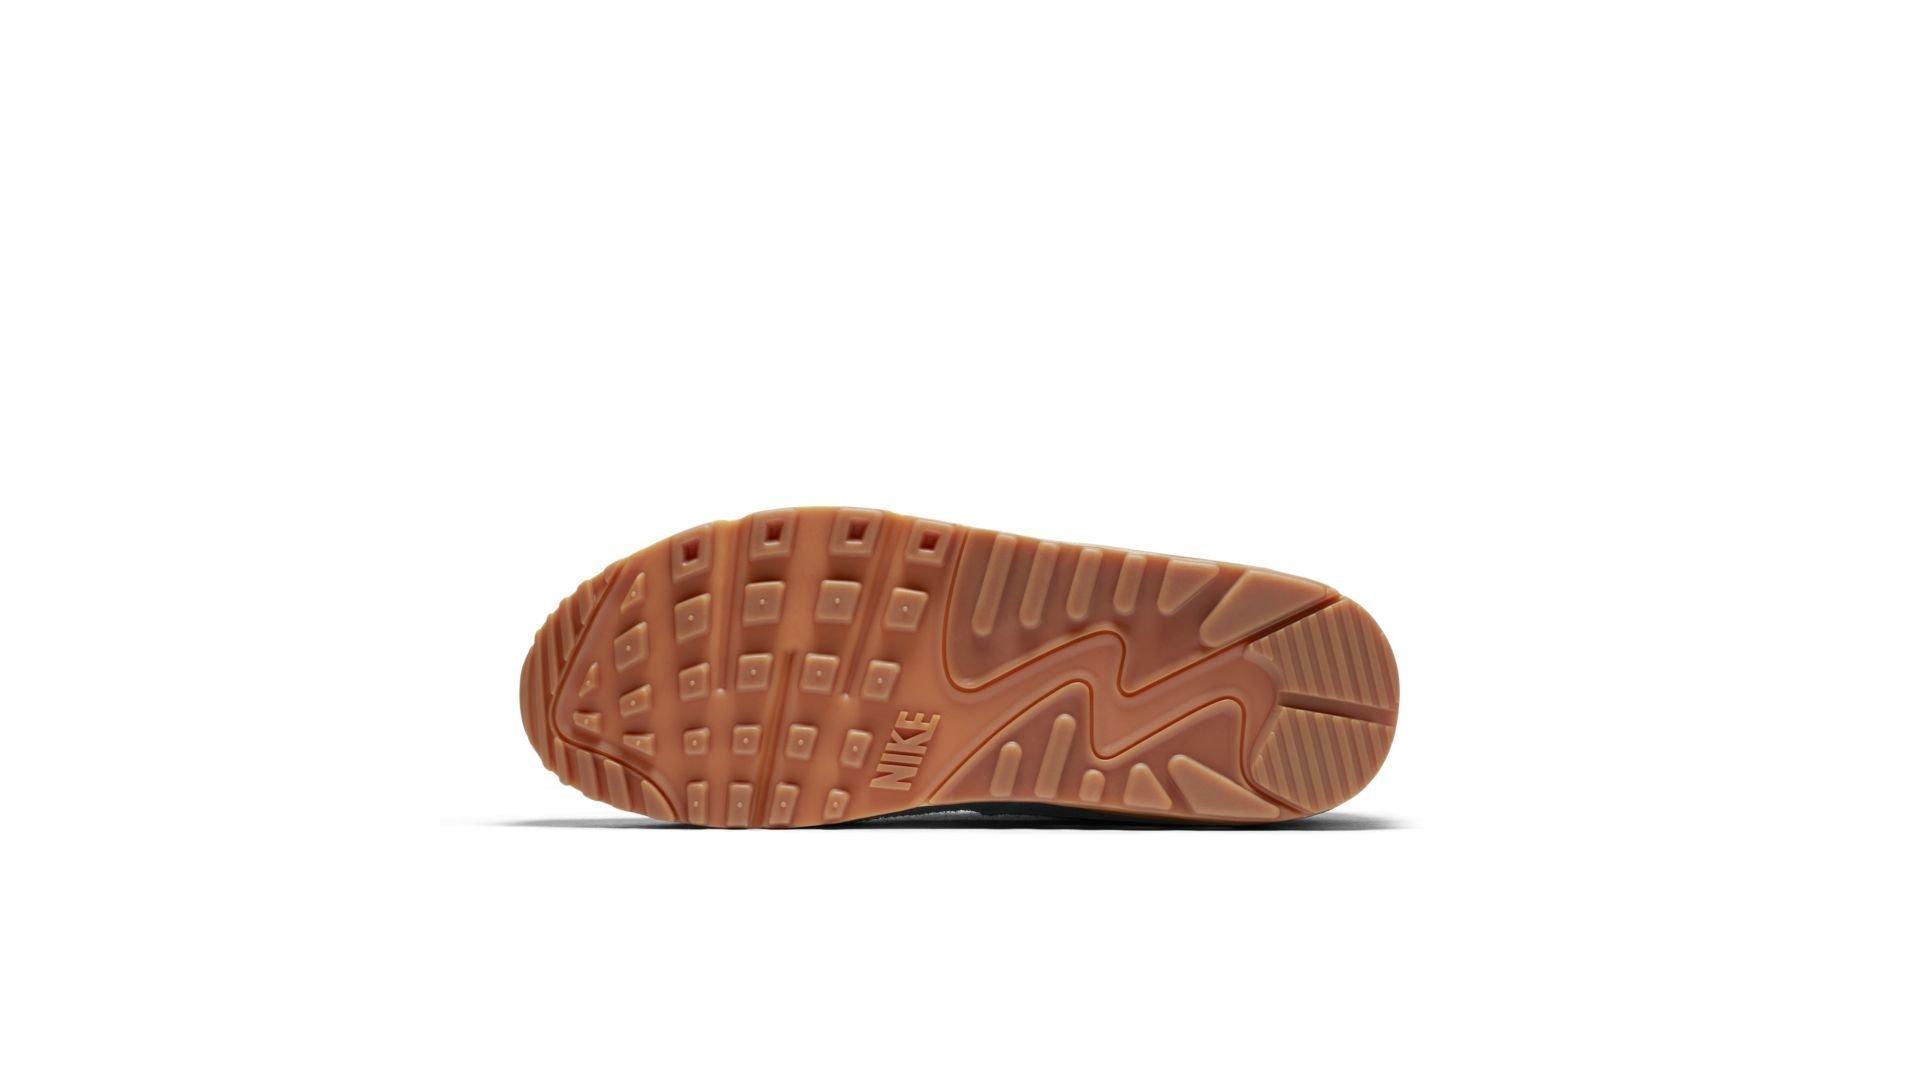 """Nike Air Max 90 Lx """"Mushroom/Smokey Blue"""" (898512-200)"""